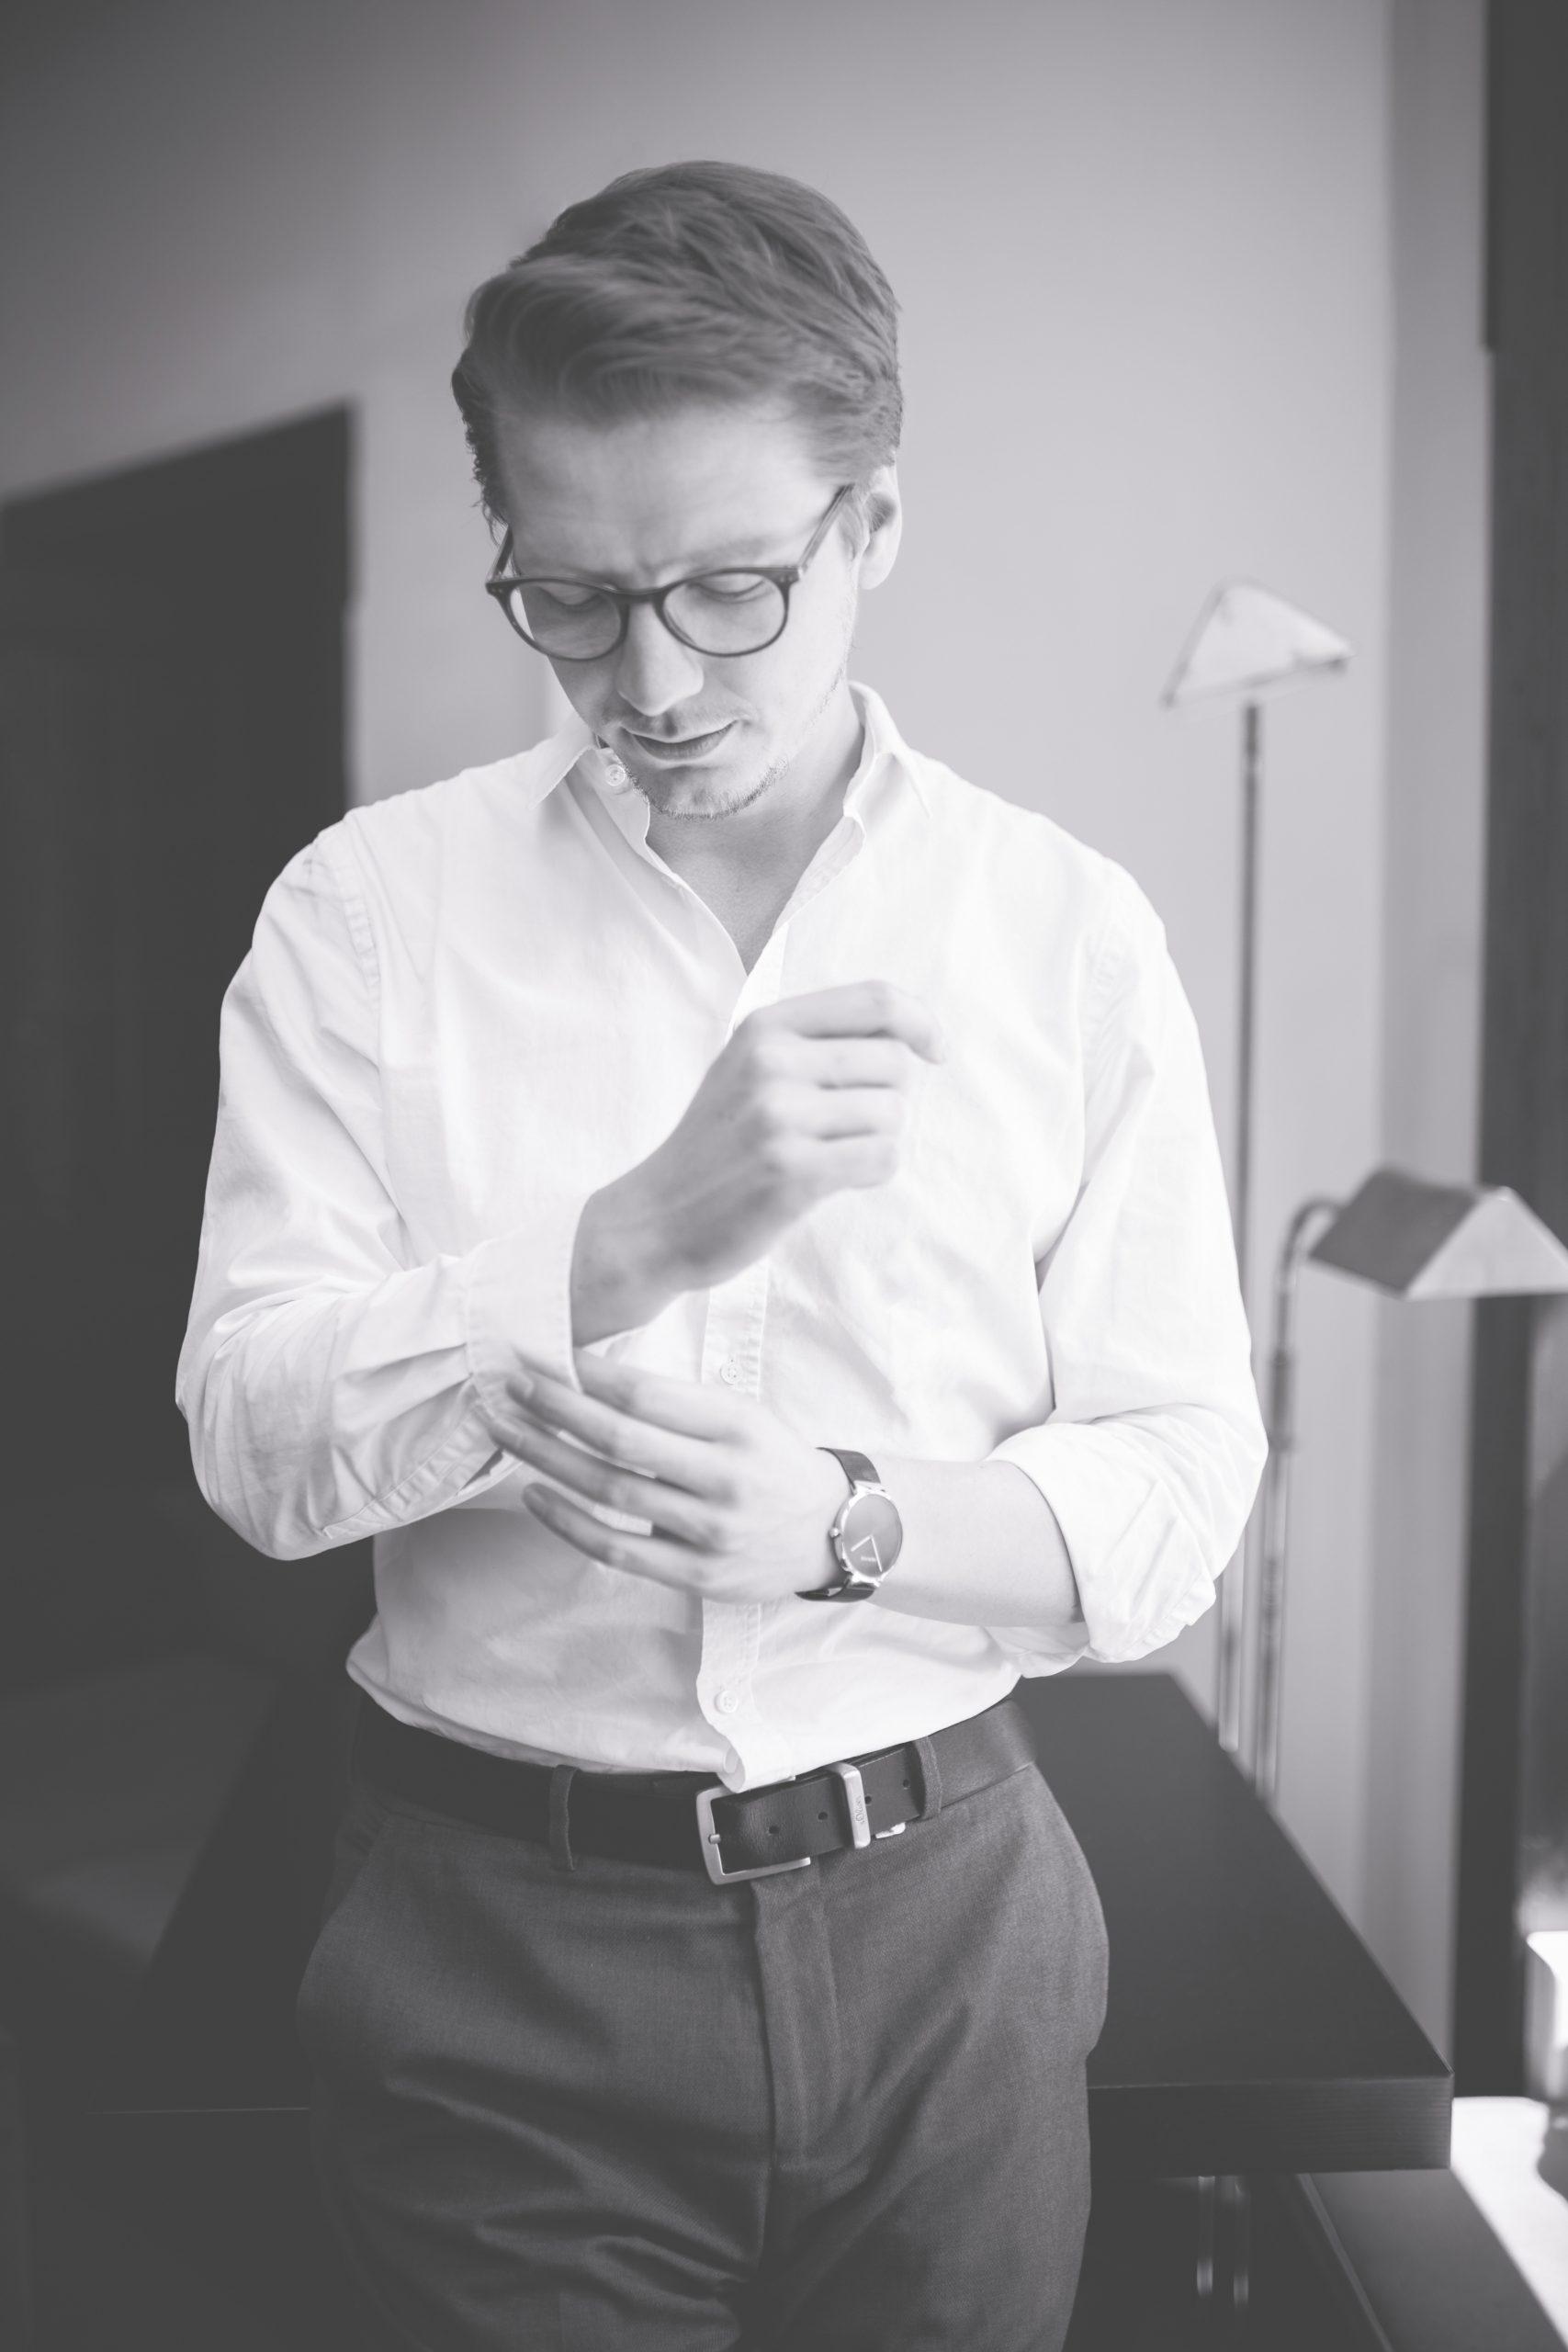 Männerportrait Business Shooting Selbstständigkeit